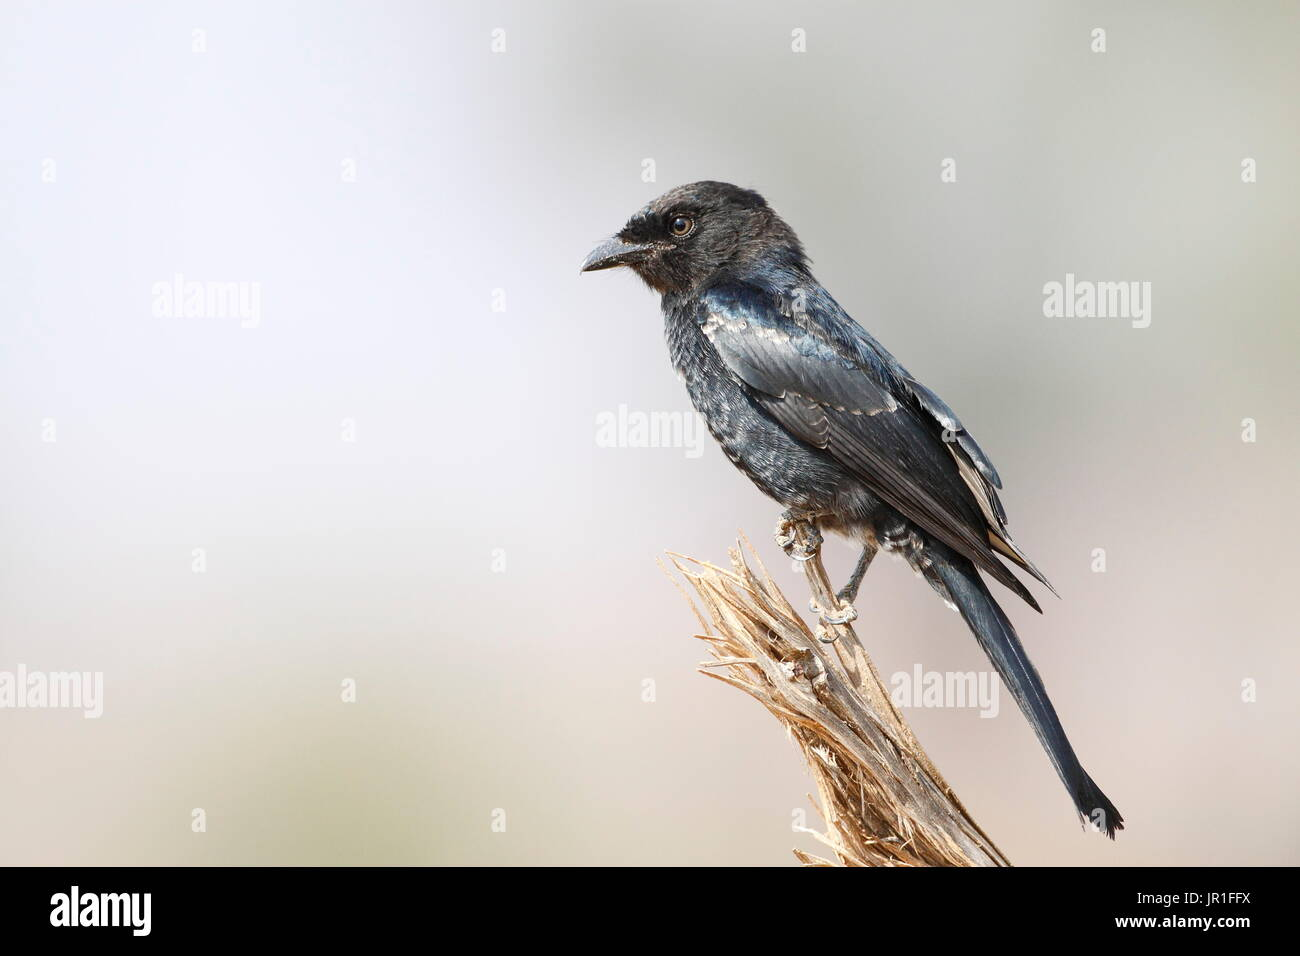 Southern black flycatcher (Melaenornis pammelaina), Samburu, Kenya - Stock Image